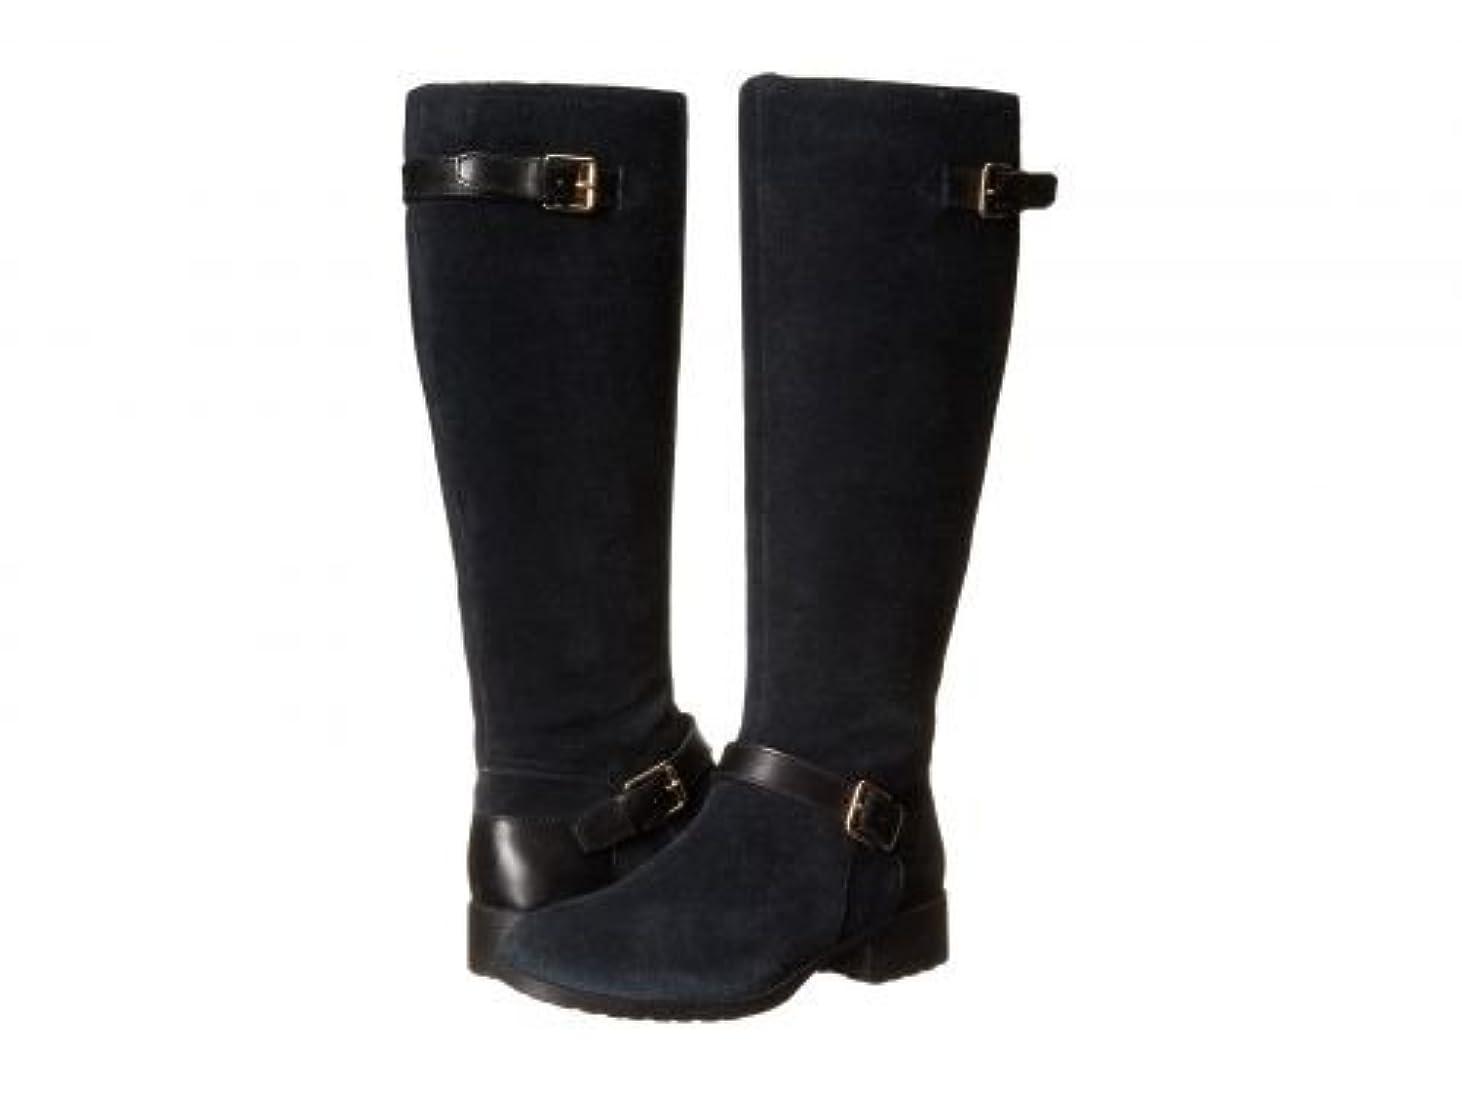 惑星アルファベット医療過誤[コールハーン] レディース 女性用 シューズ 靴 ブーツ ロングブーツ Marla Waterproof Boot - Black Suede/Black Leather [並行輸入品]